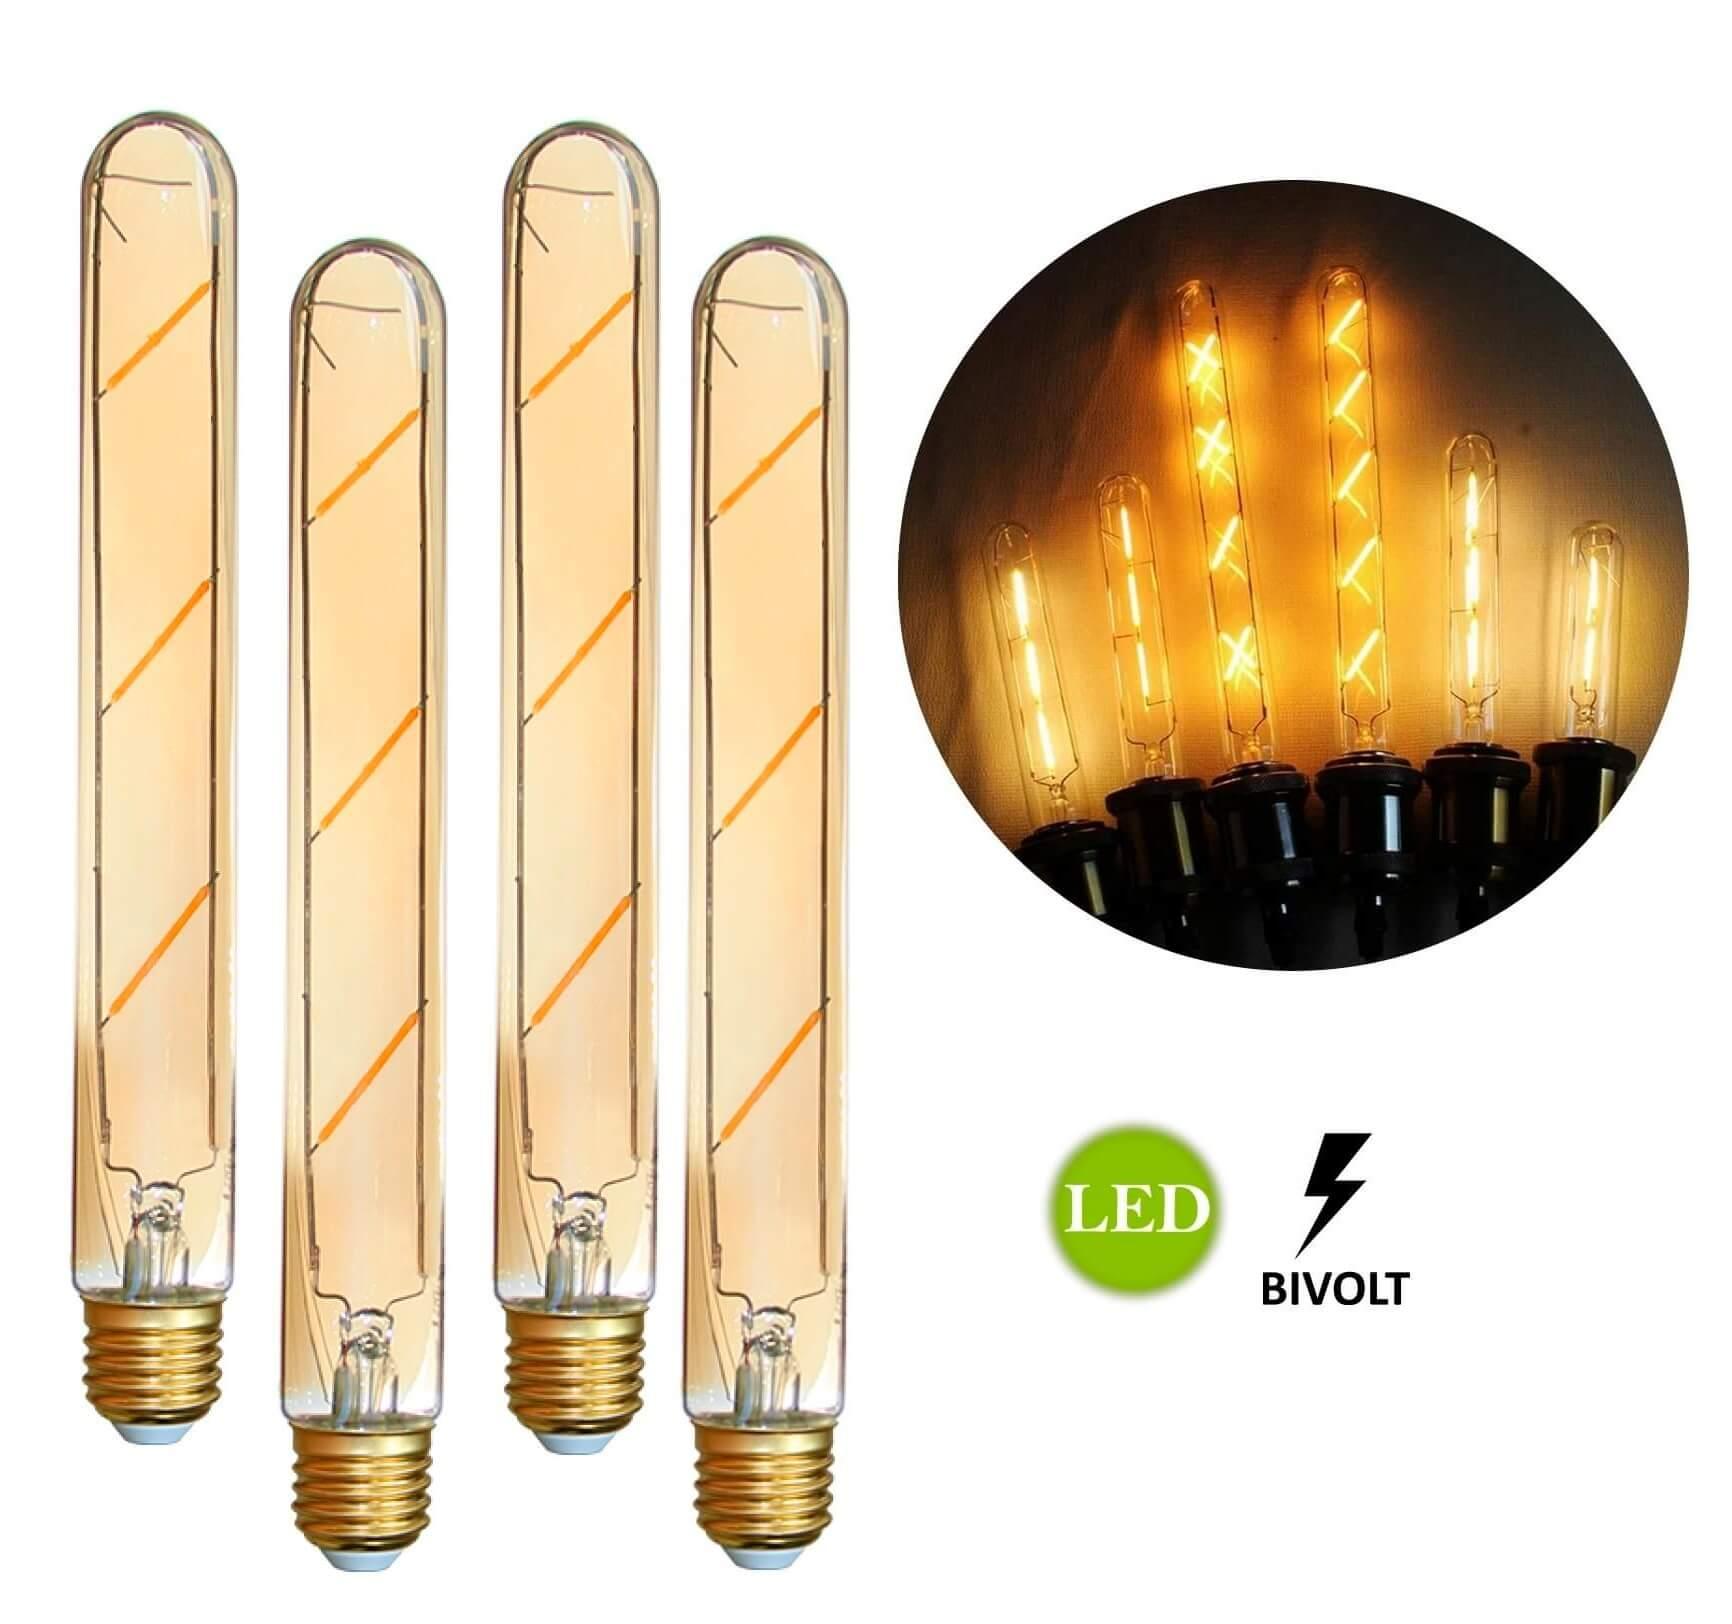 4 Lâmpadas de Filamento LED T185 4W Bivolt